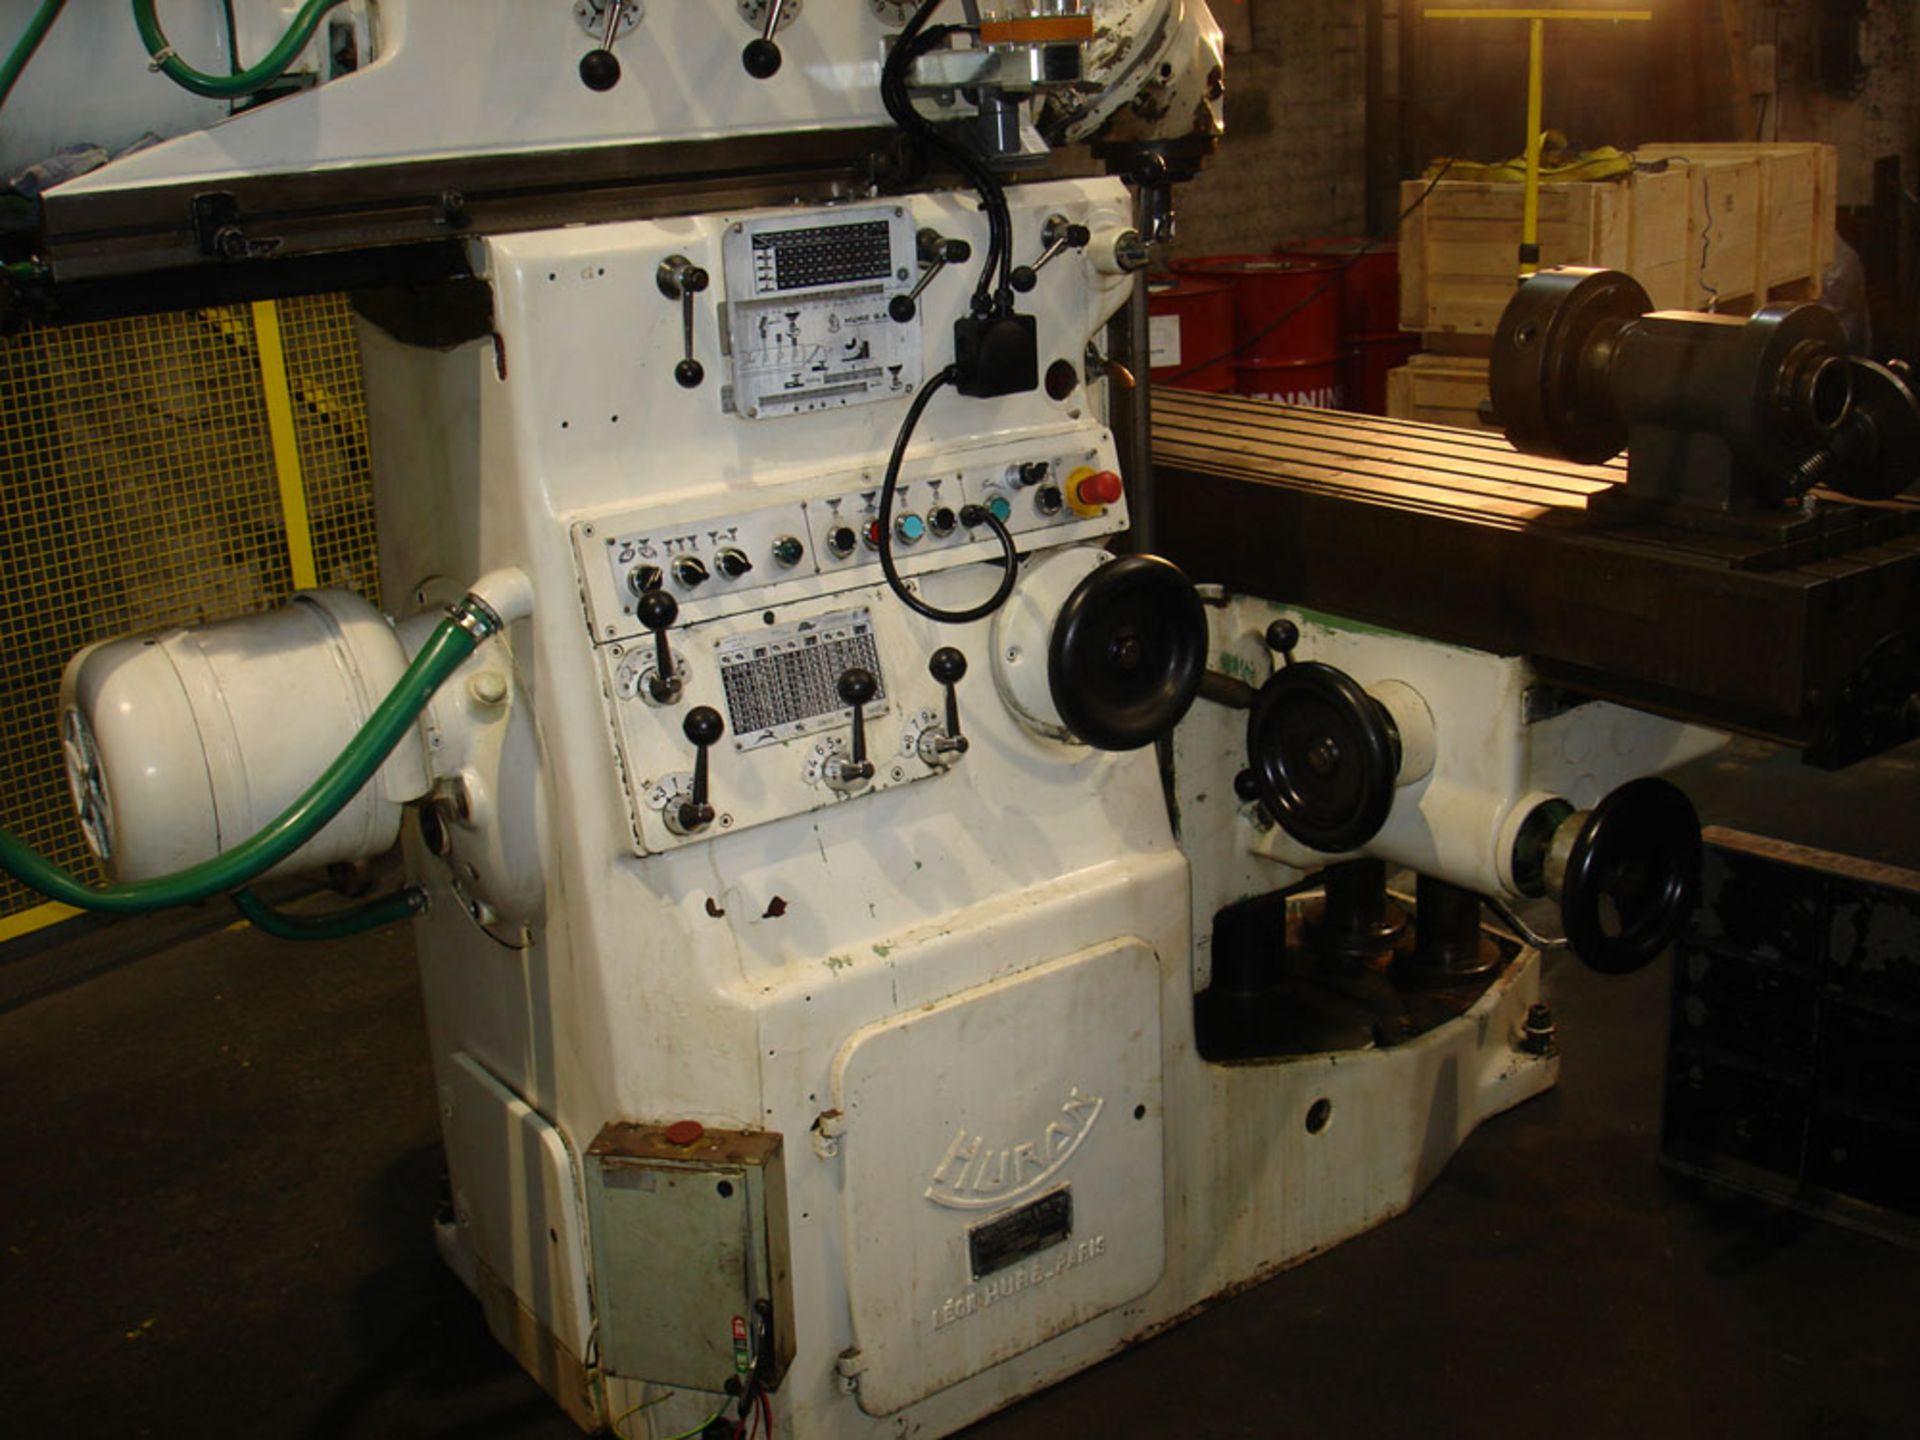 Huron MU6 Universal Milling Machine. - Image 4 of 8